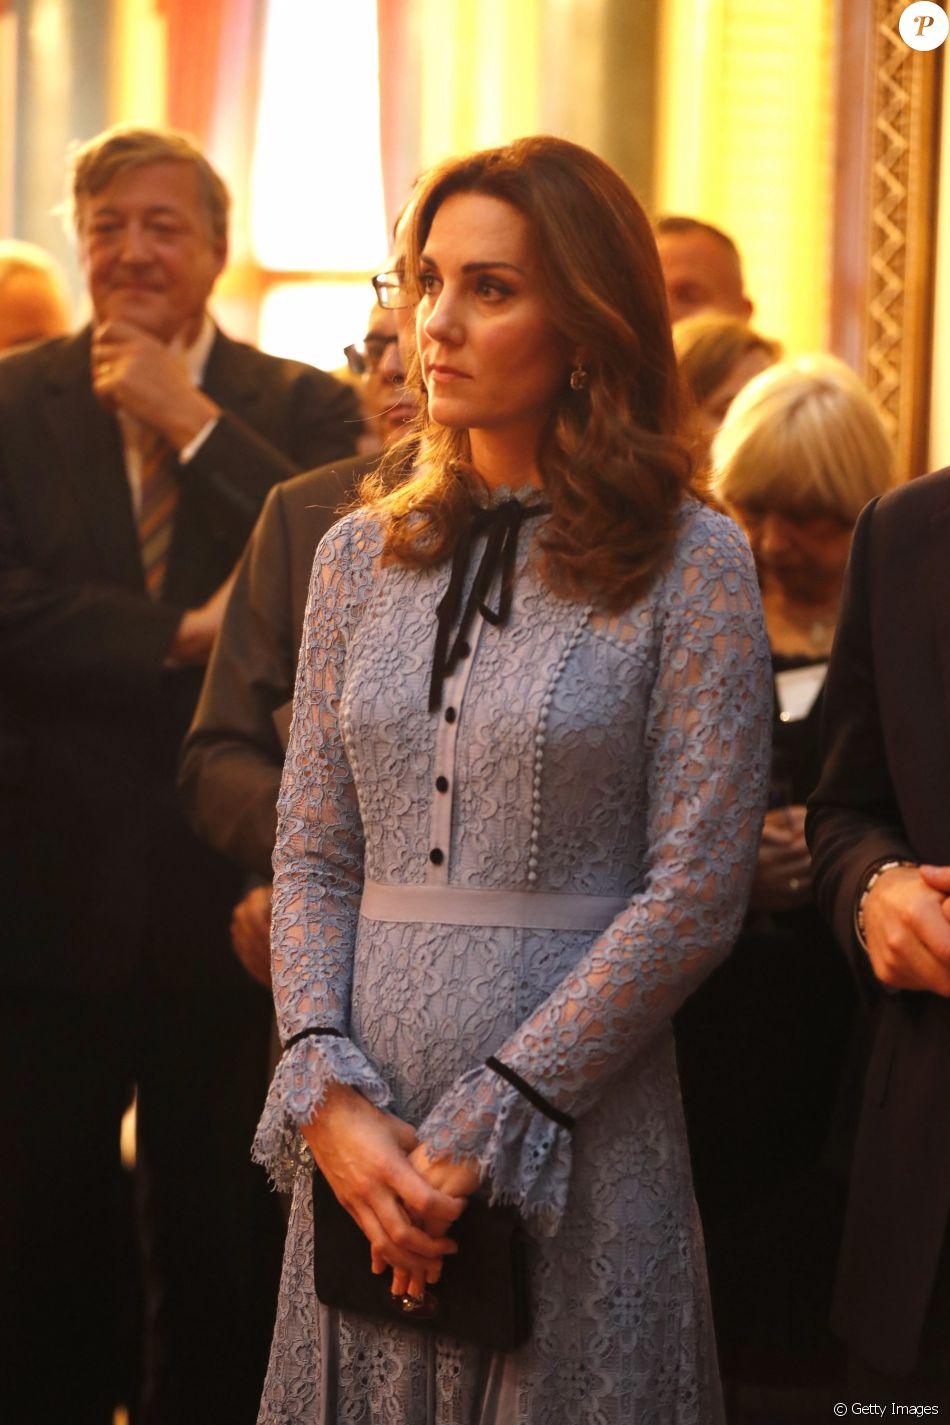 Kate Middleton exibe barriga de gravidez de terciero filho com Príncipe William em evento da família real realizado nesta terça-feira, dia 10 de outubro de 2017, em Londres, na Inglaterra